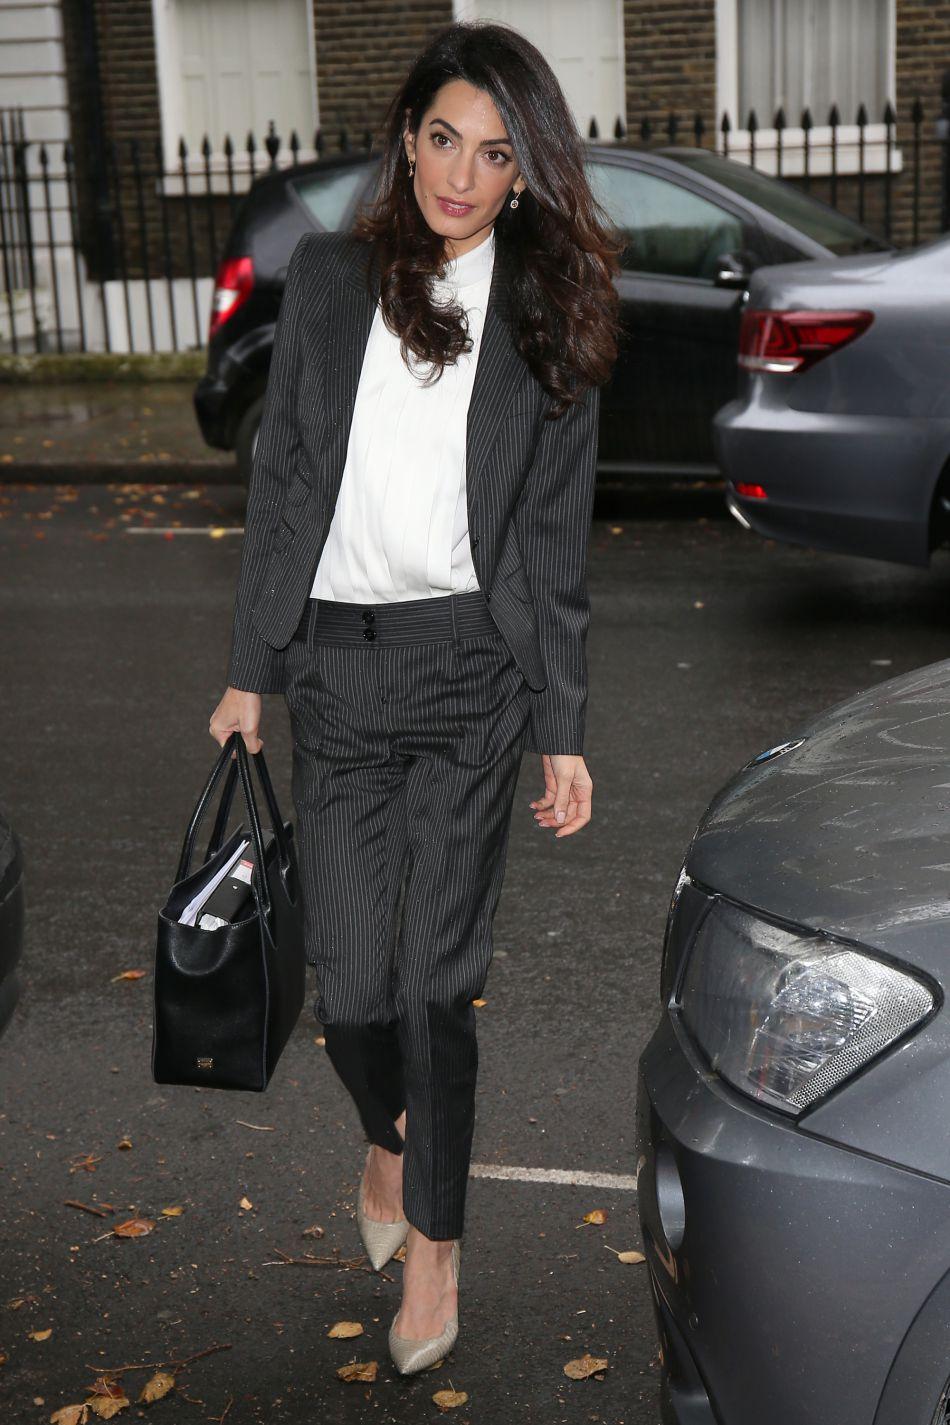 Le look de businessgirl, Amal Clooney le maitrise aussi à la perfection.